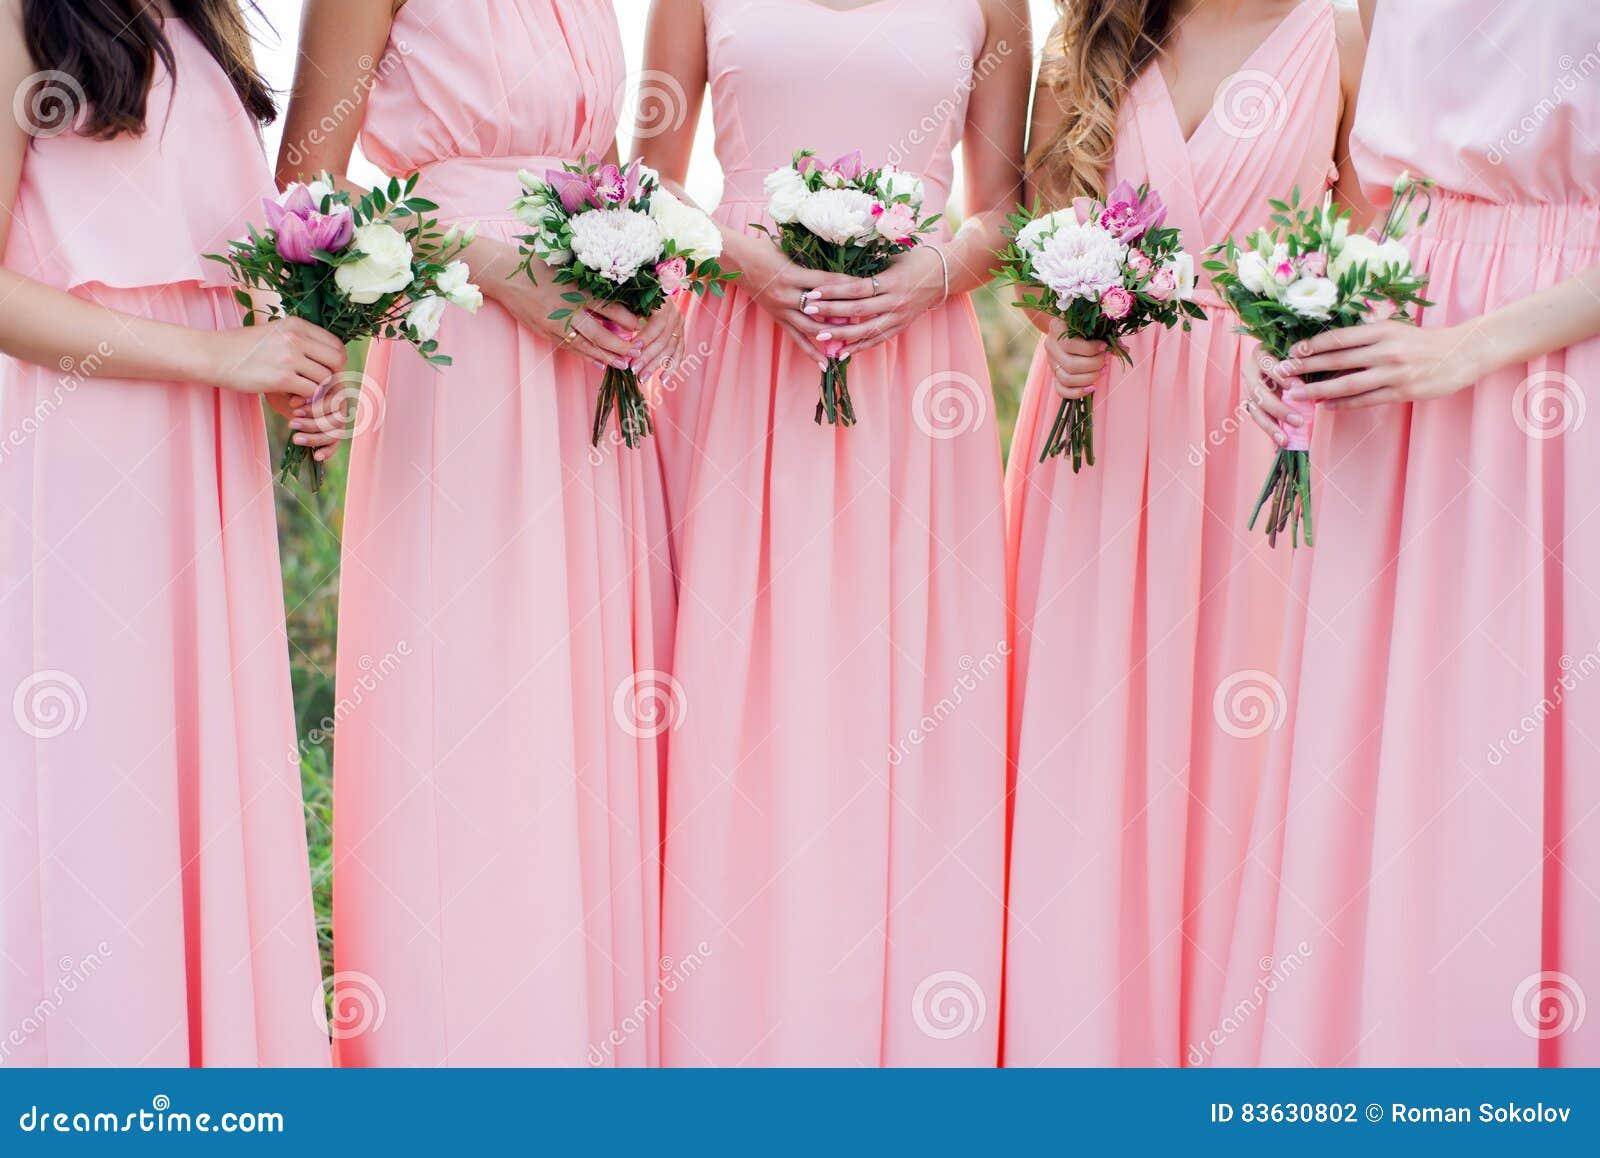 Damas De Honor Gloriosas En Los Vestidos Rosados Que Sostienen Las ...